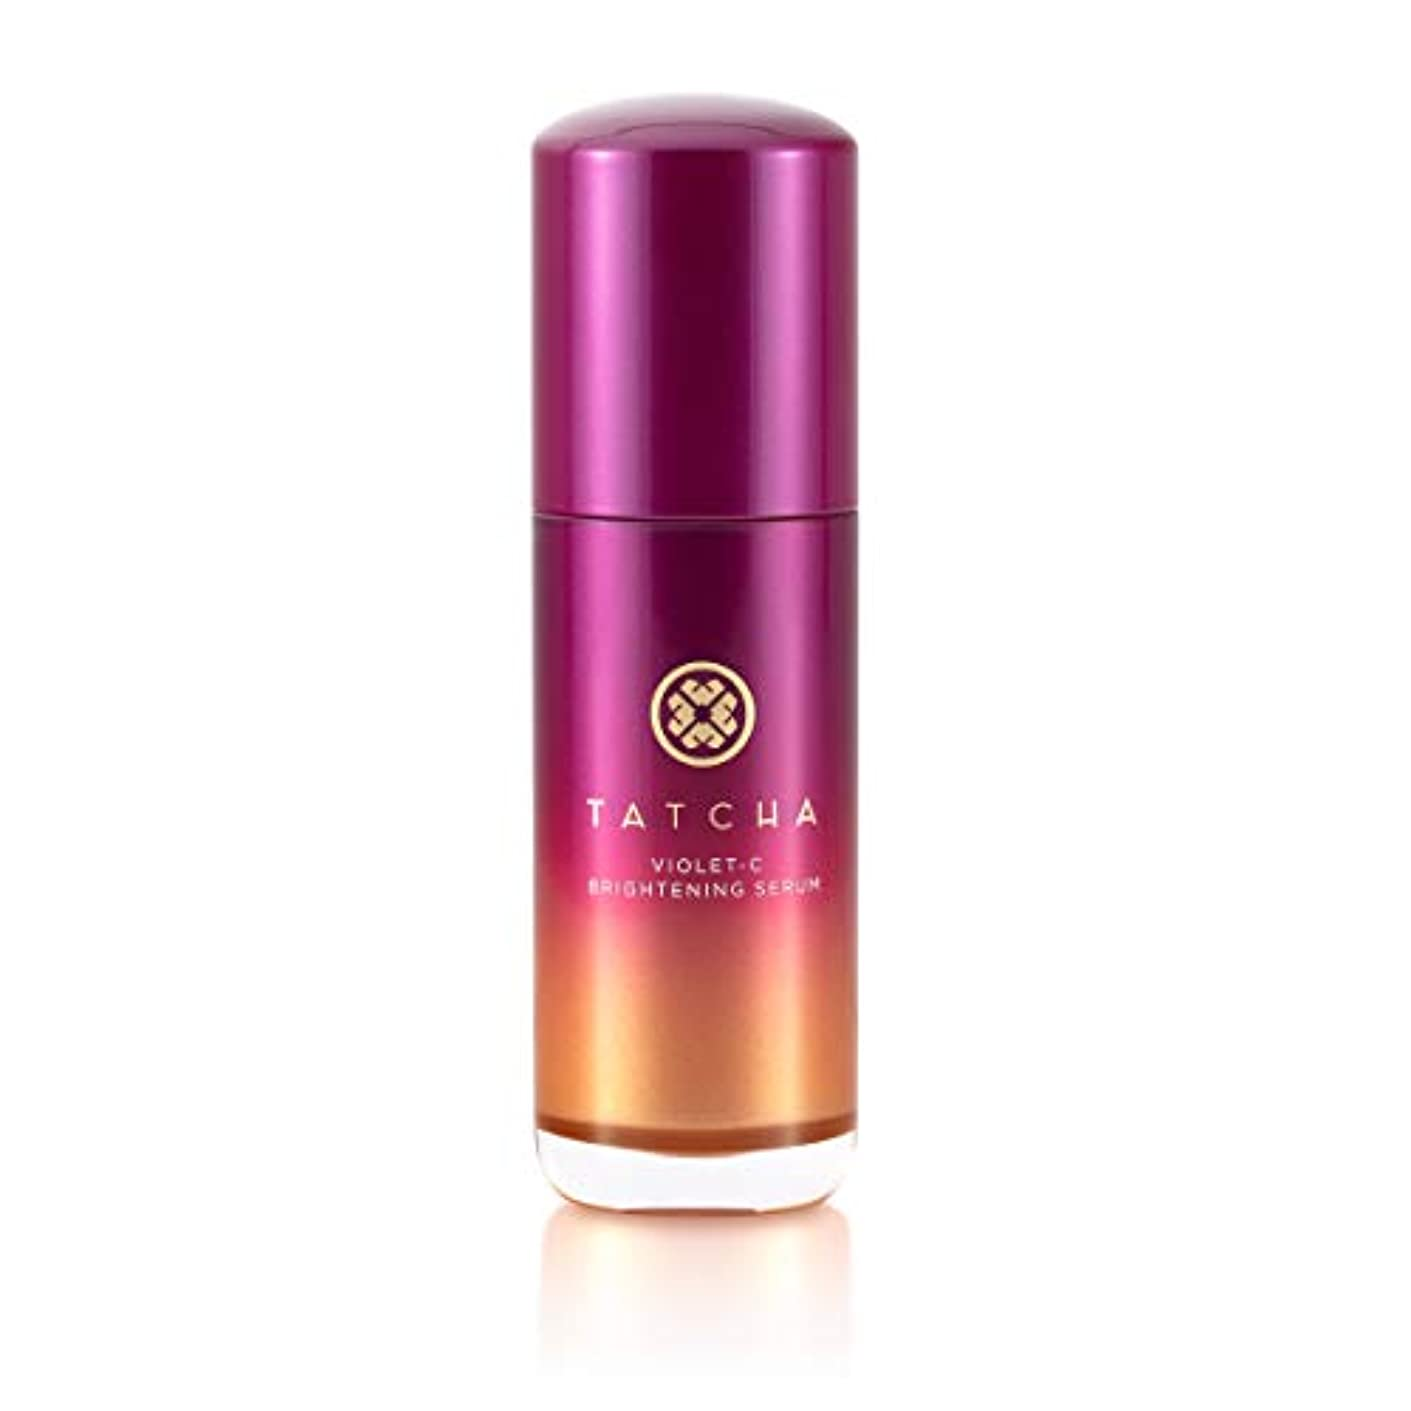 終点飼い慣らす精神医学TATCHA Violet-C Brightening Serum (20% Vitamin C + 10% AHA) タチャ バイオレットC ブライトニング セラム 美容液 30ml